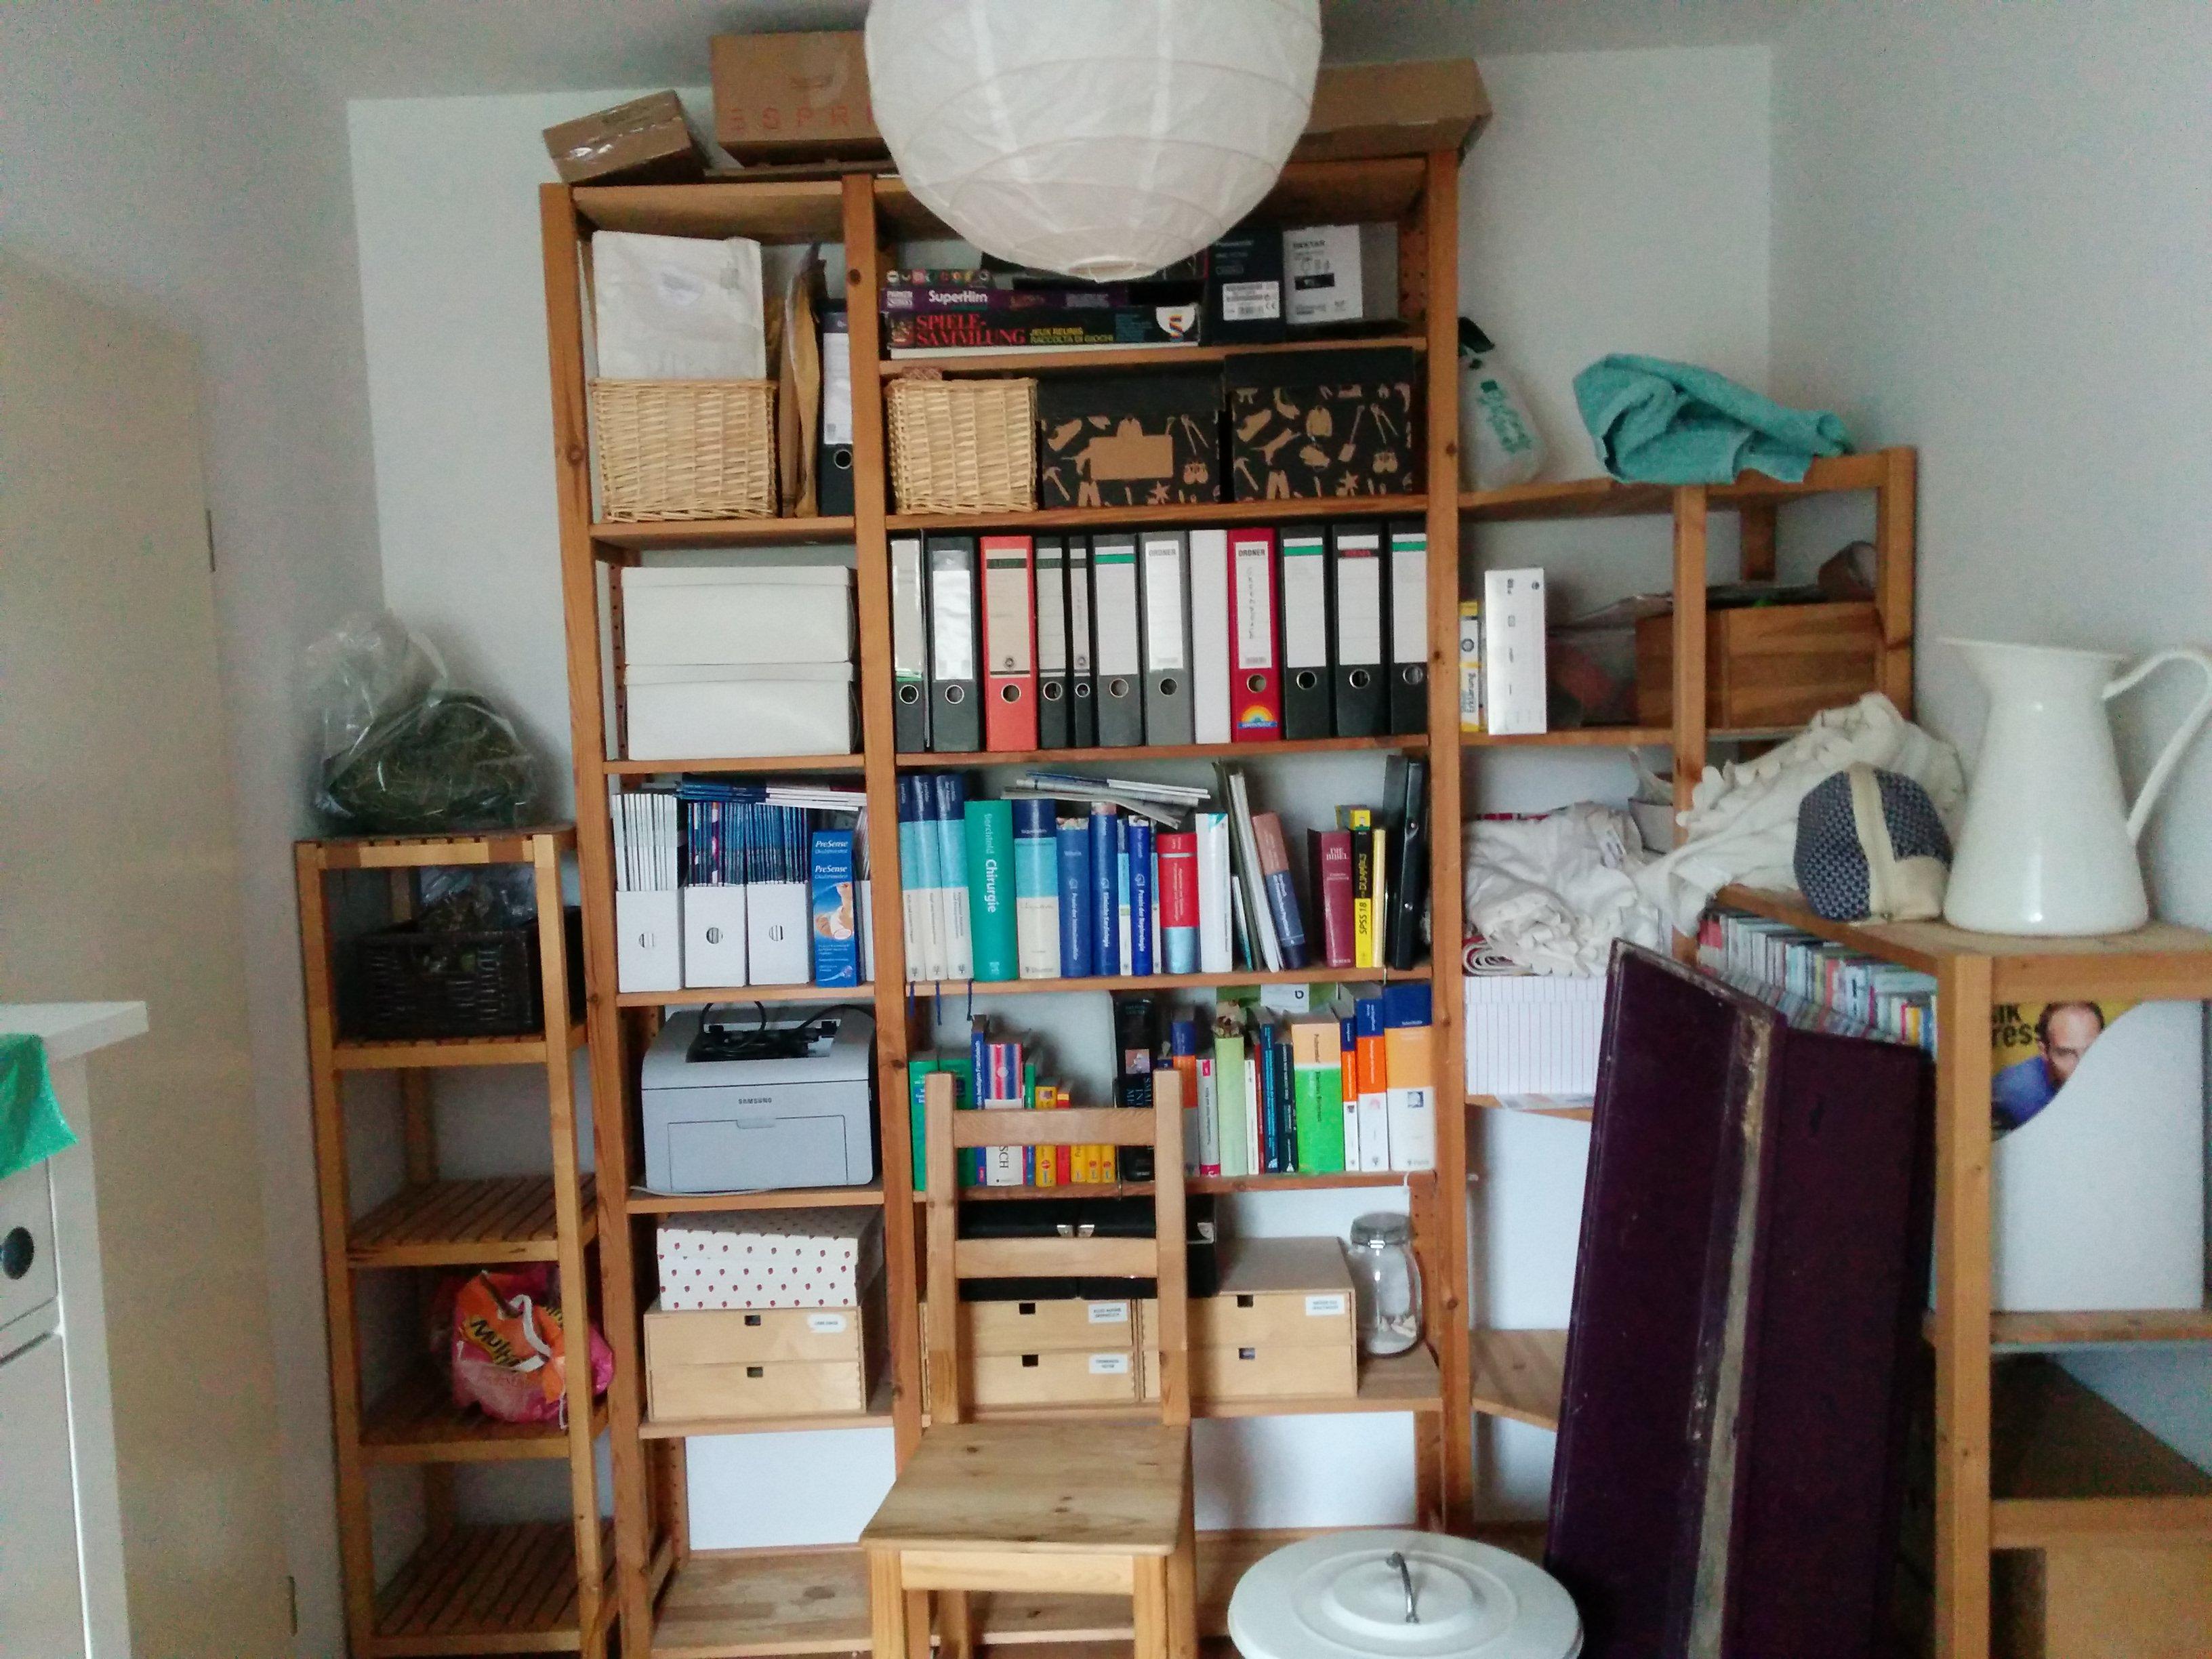 montessori spielzimmer einrichten vorher diekuckucks. Black Bedroom Furniture Sets. Home Design Ideas